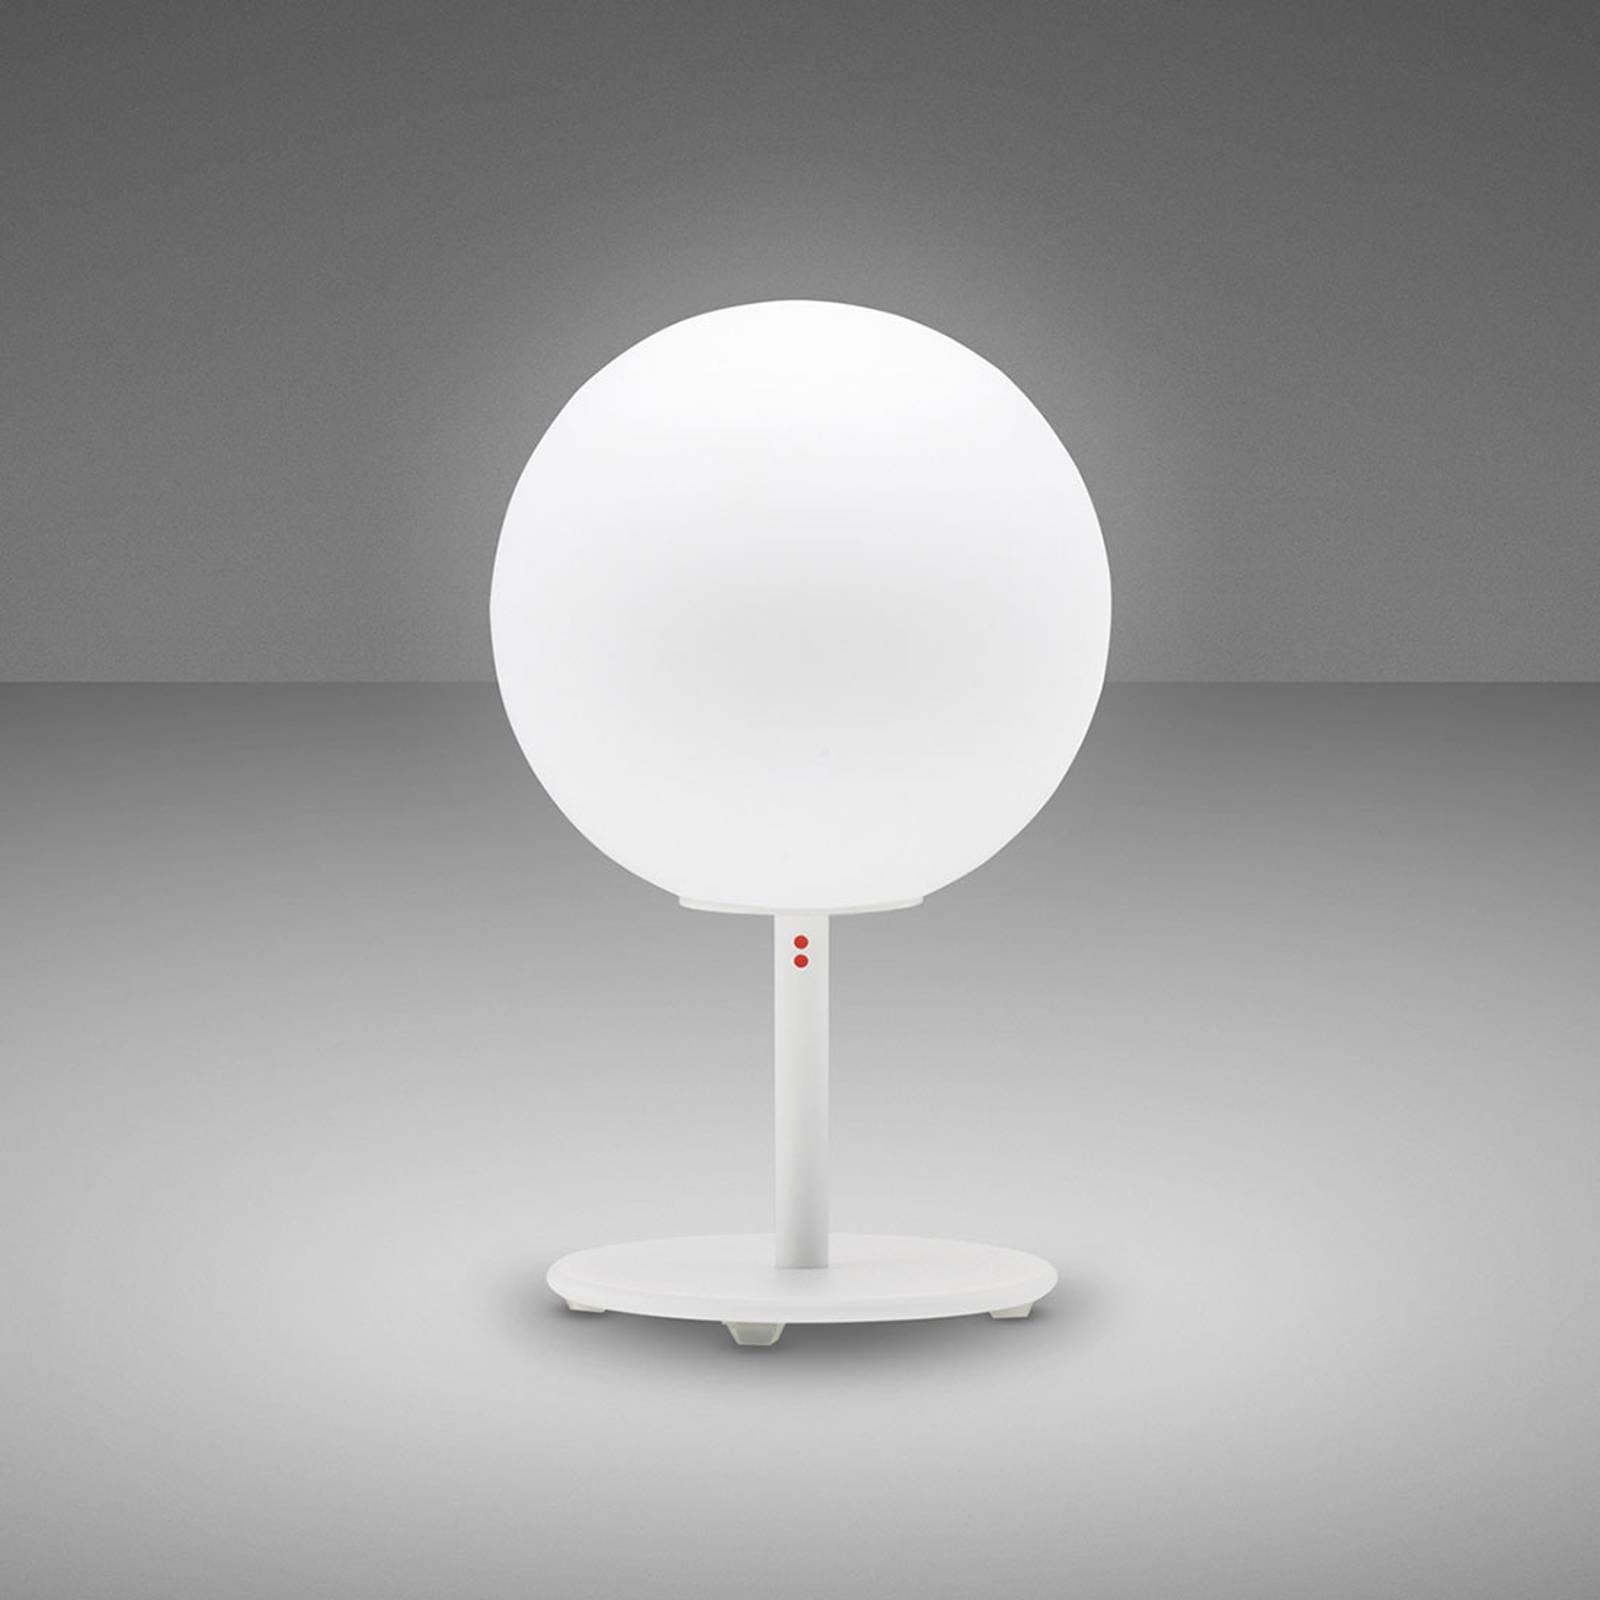 Fabbian Lumi Sfera lampe à poser, debout, Ø 14cm